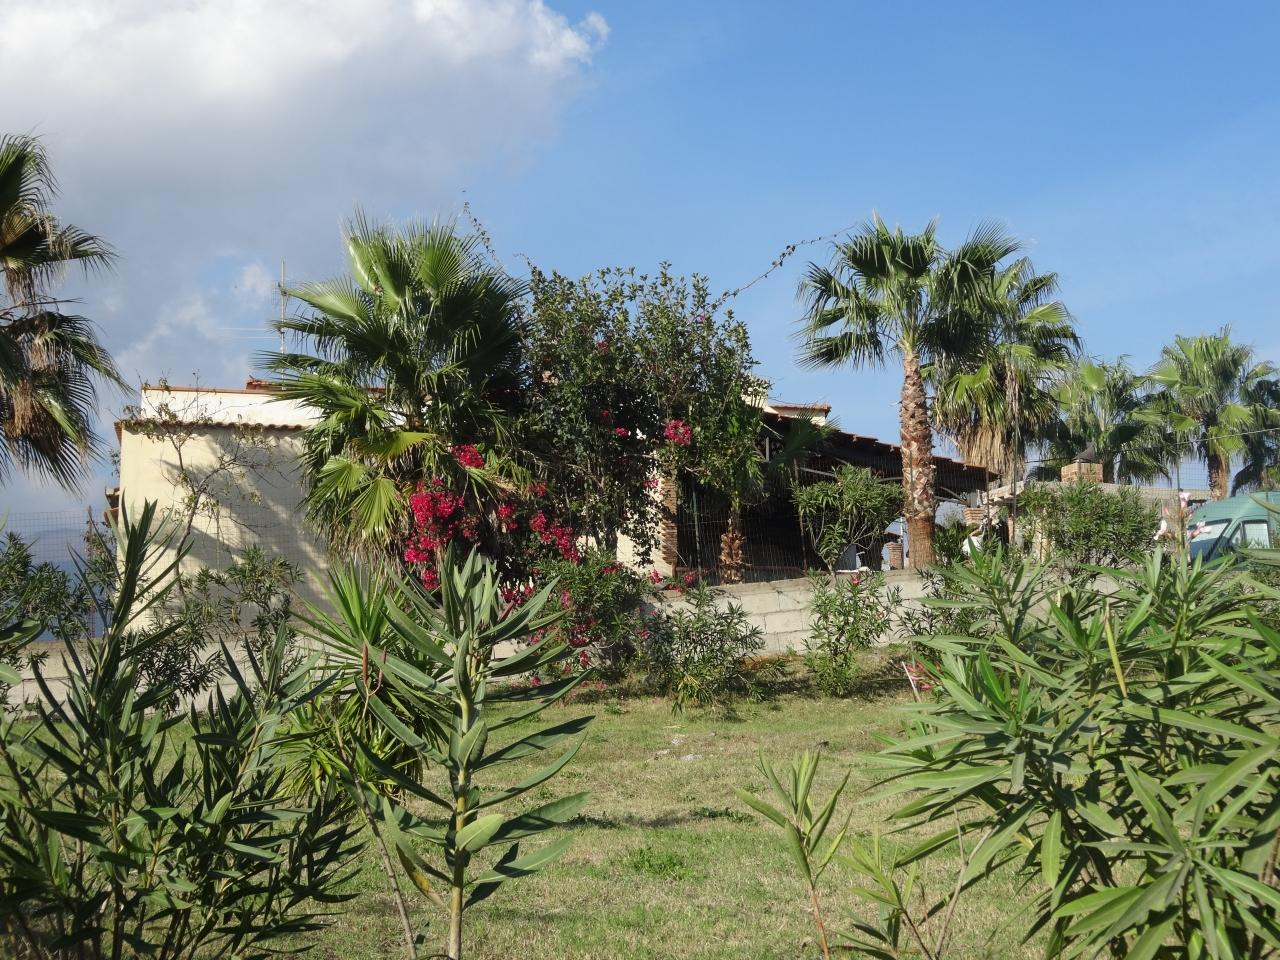 ポンペイ、ヘルクラネウム及びトッレ・アンヌンツィアータの遺跡地域の画像 p1_27